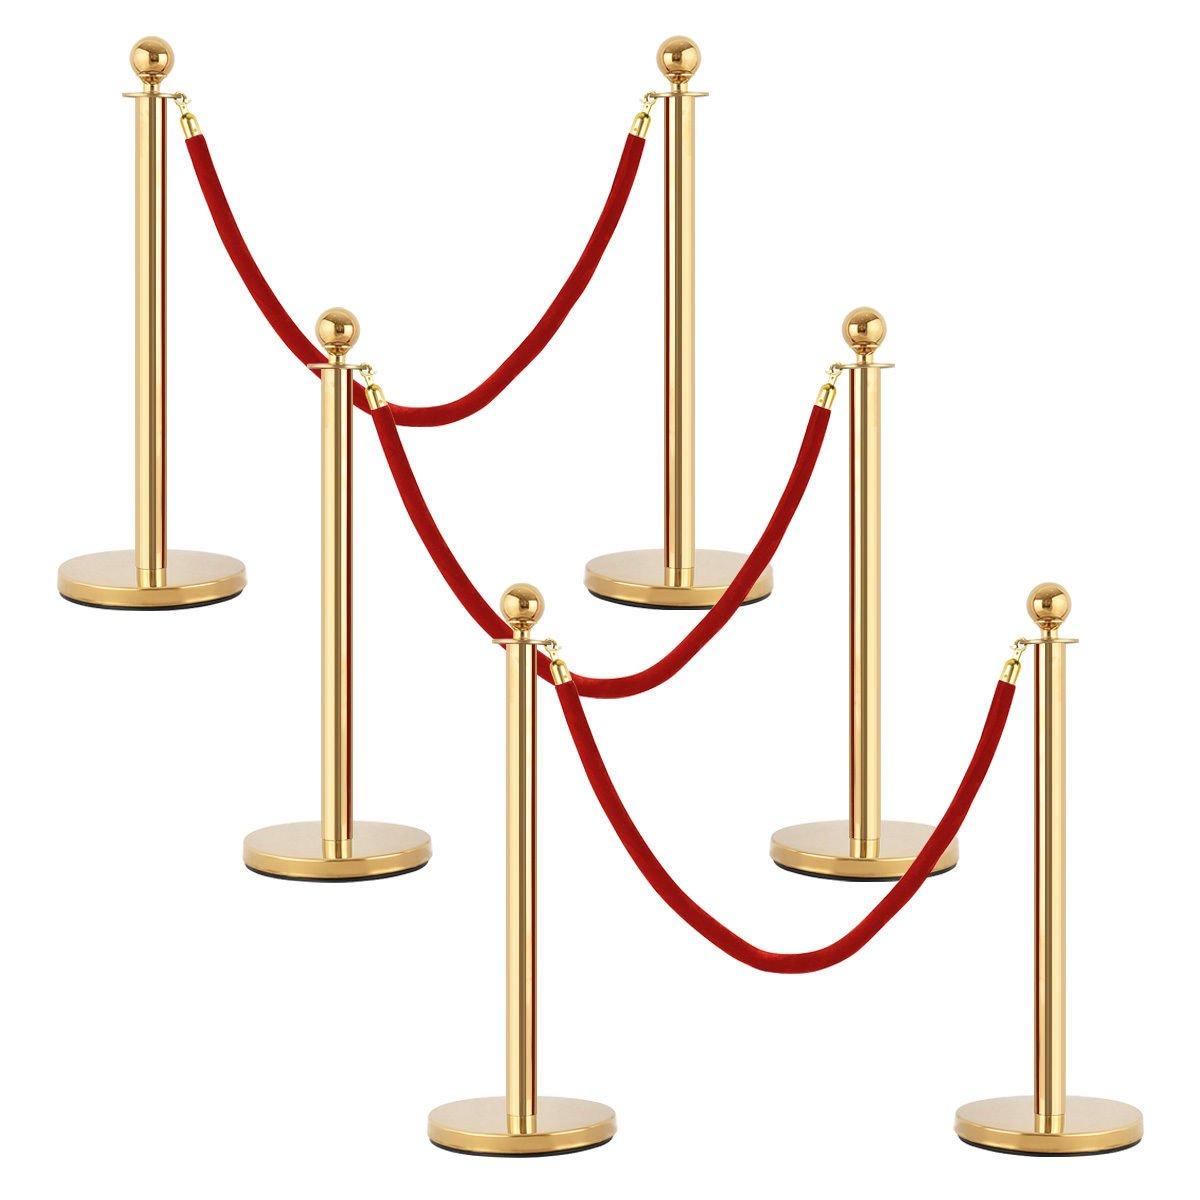 Goplus 6Pcs Stanchion Posts Queue Pole Retractable 4 Velvet Ropes Crowd Control Barrier